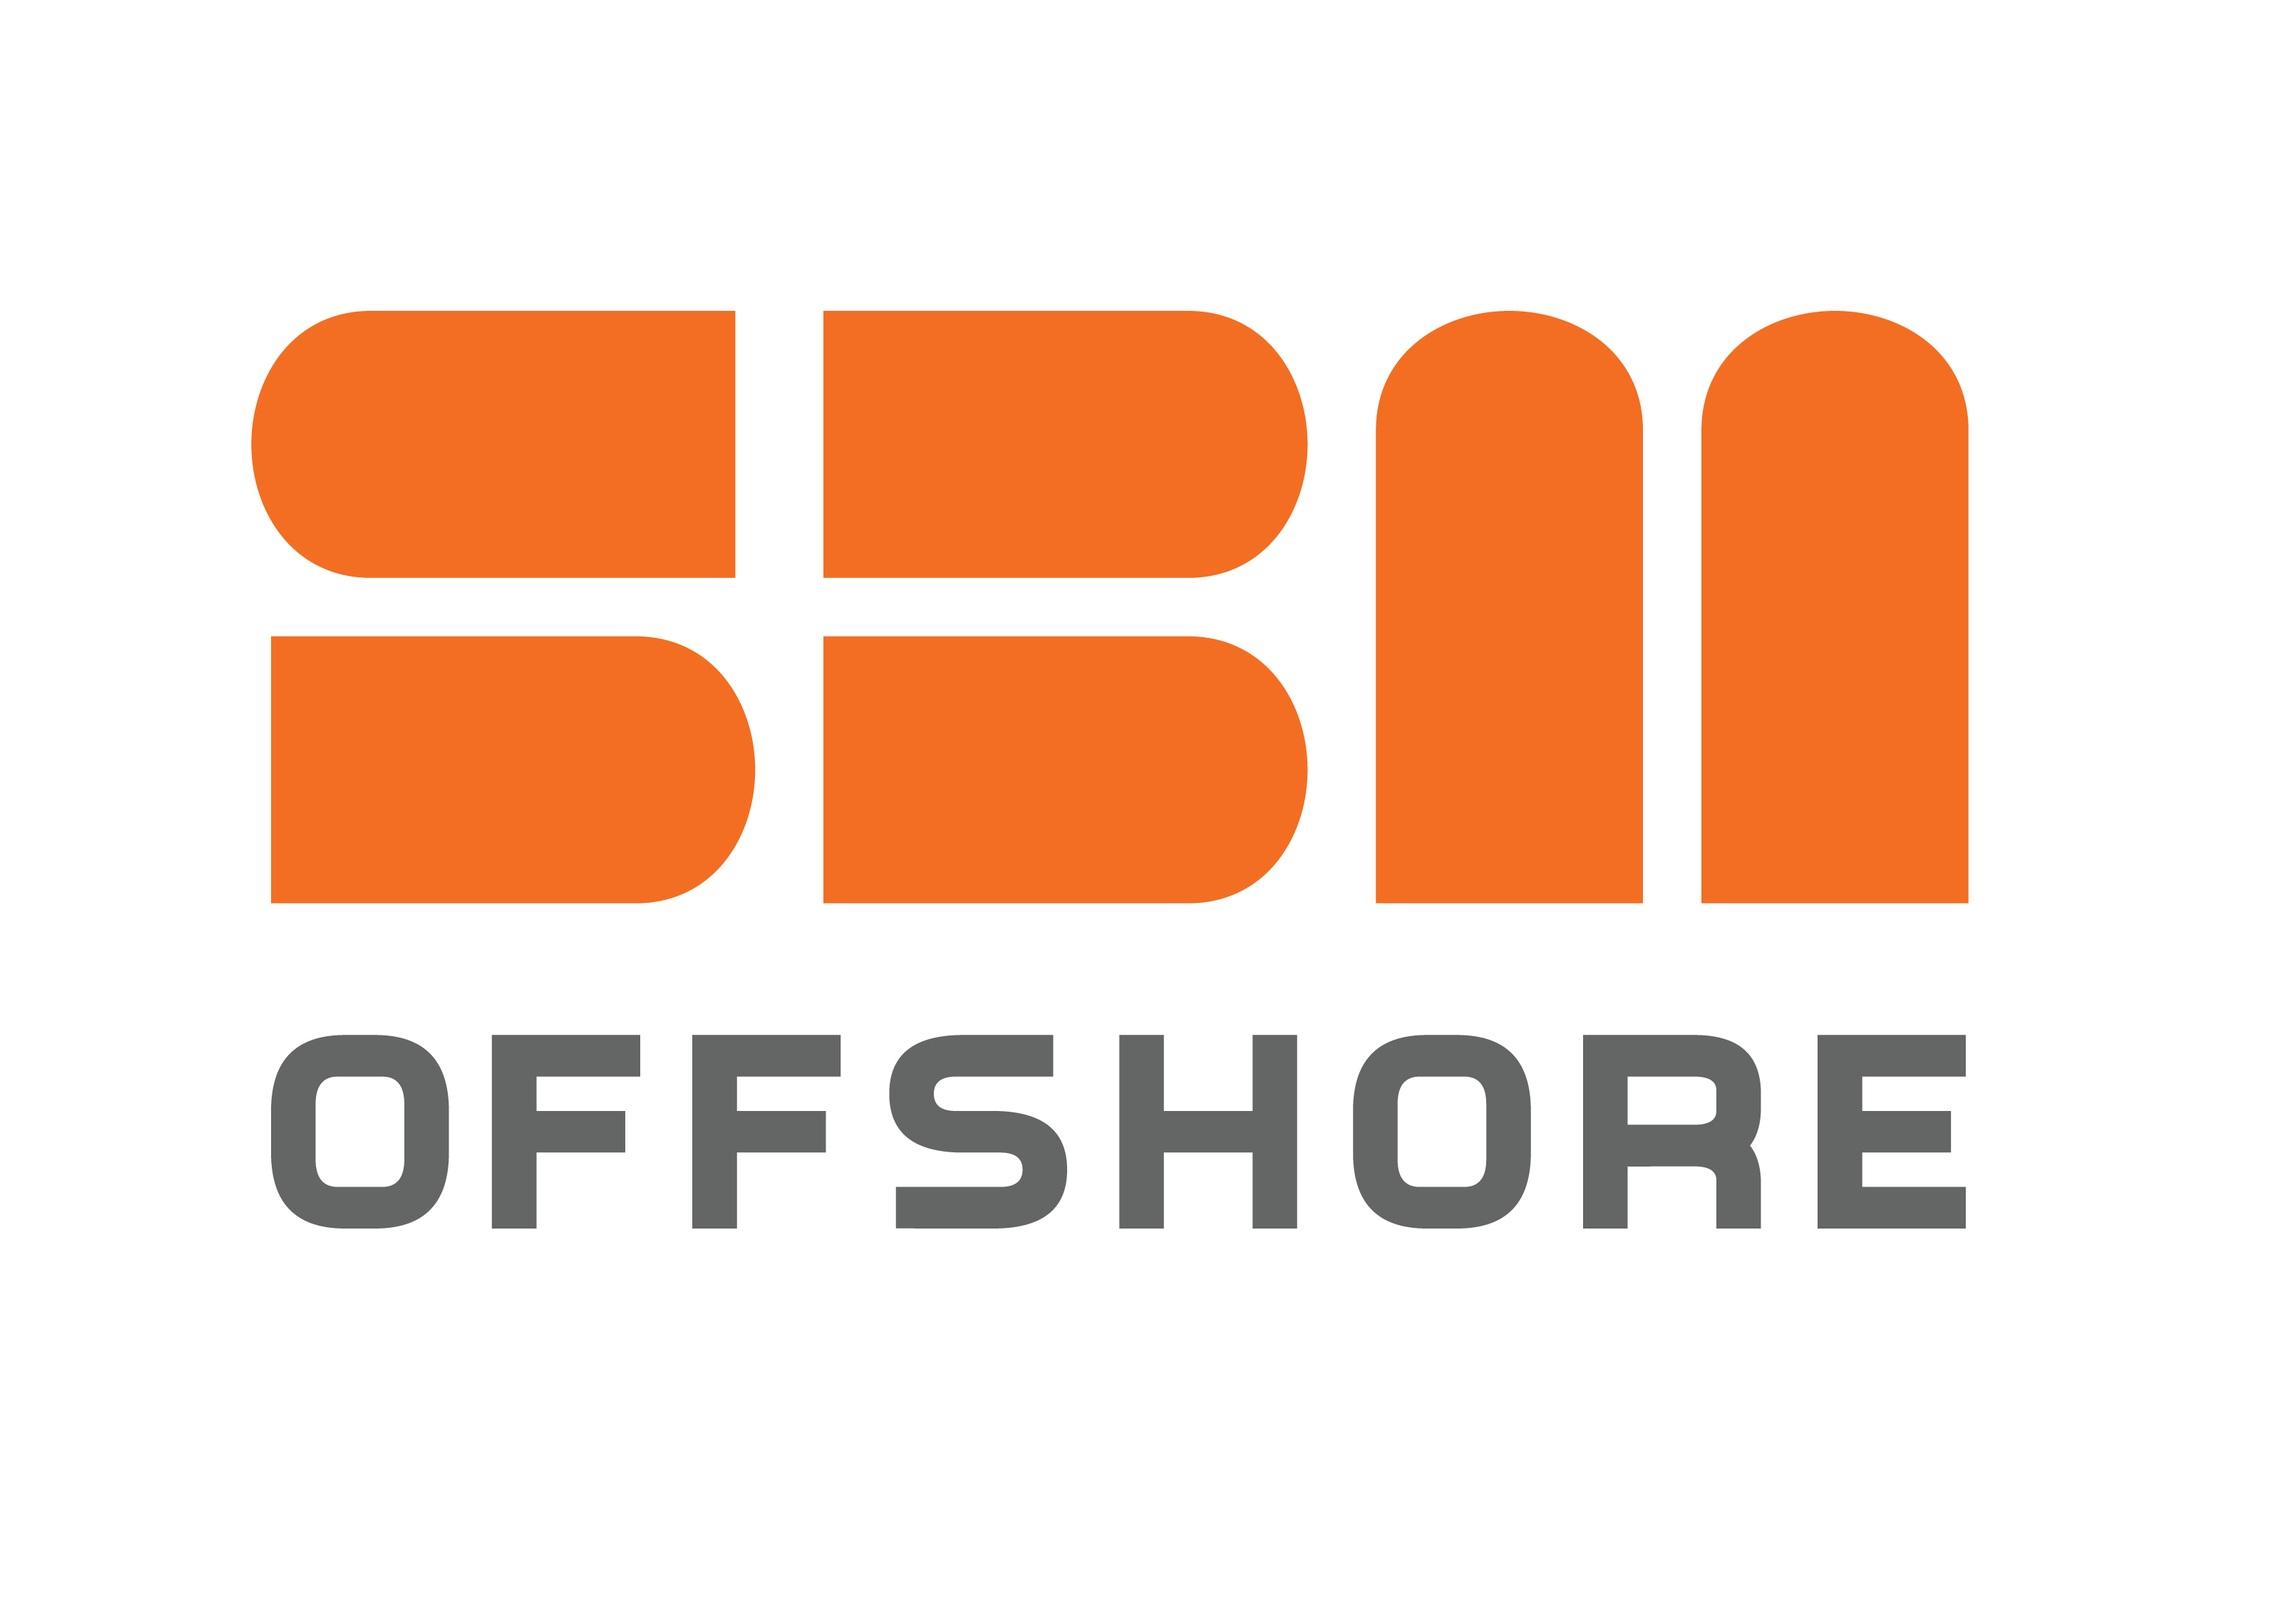 SBM-Offshore-Logo-CL-300dpi-A4_Original.png